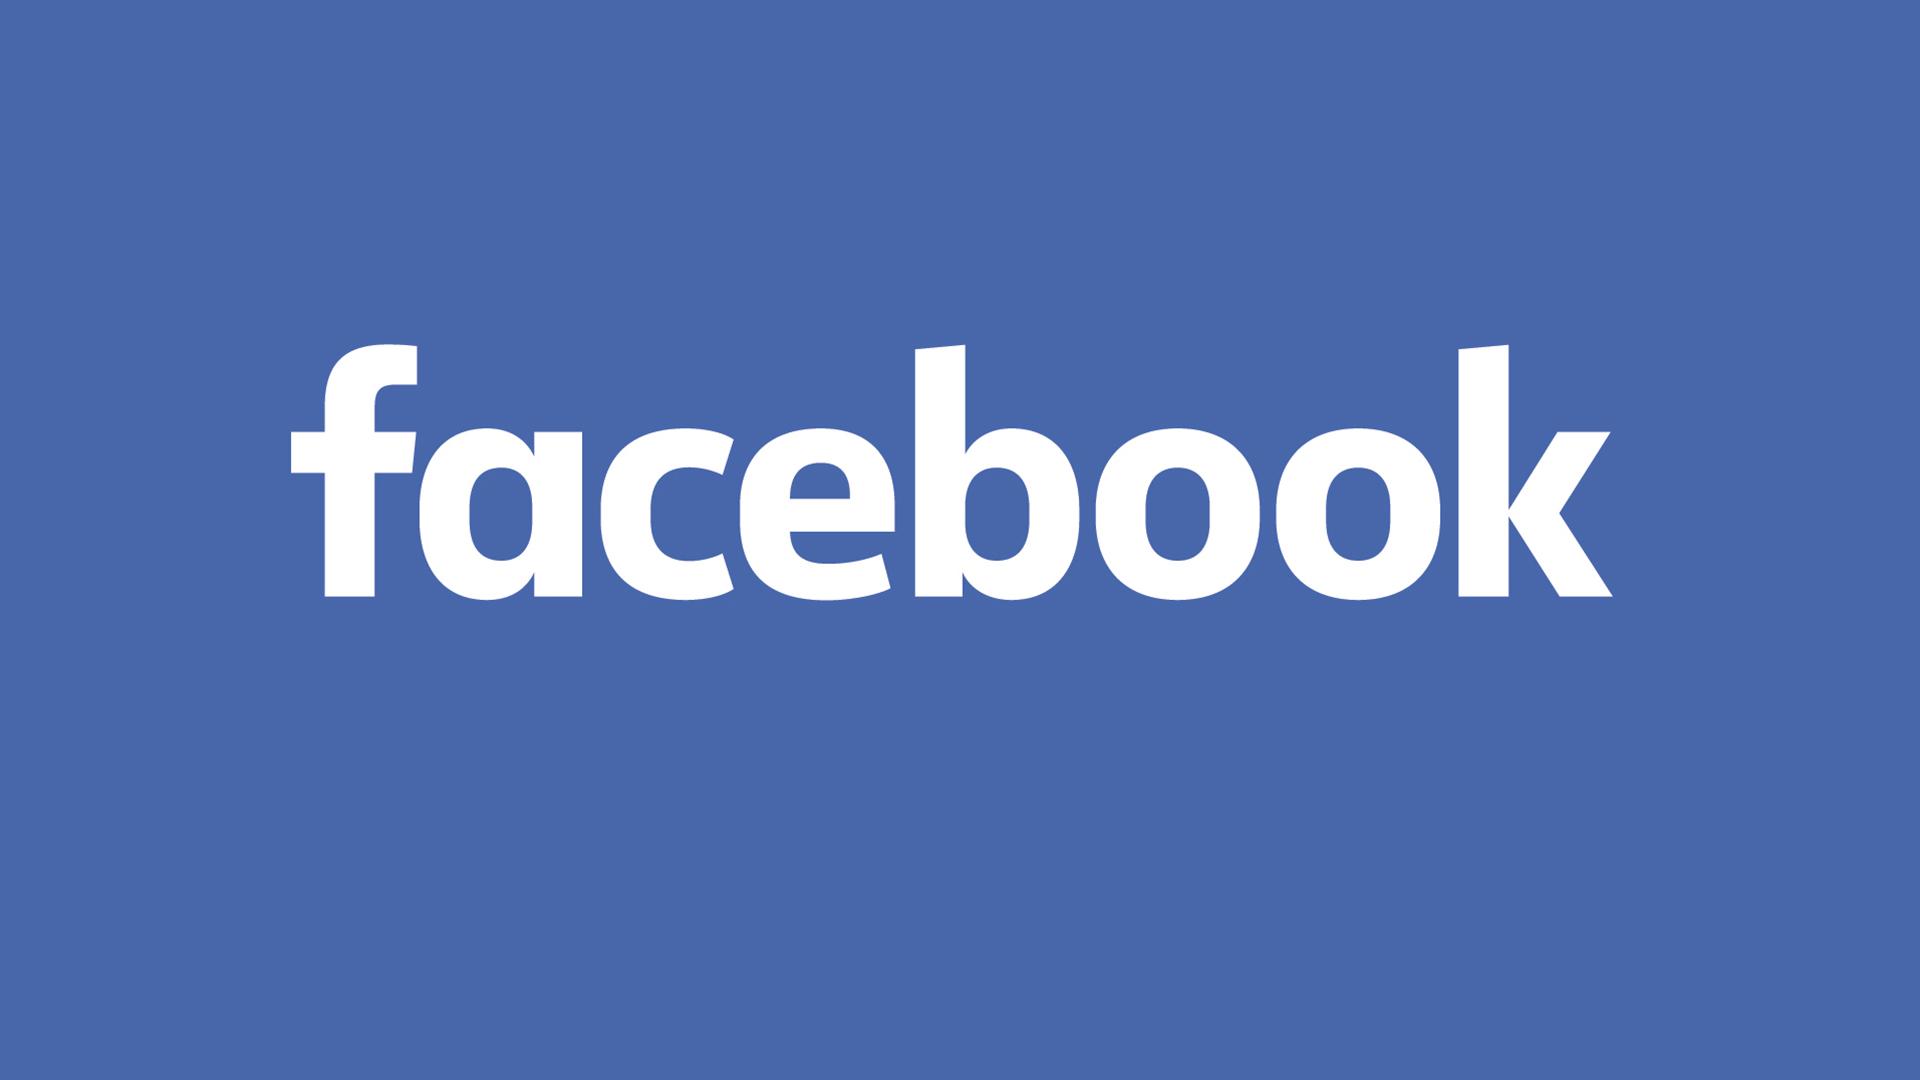 Facebook собирается выйти на совершенно новый рынок. И это плохая новость для Netflix